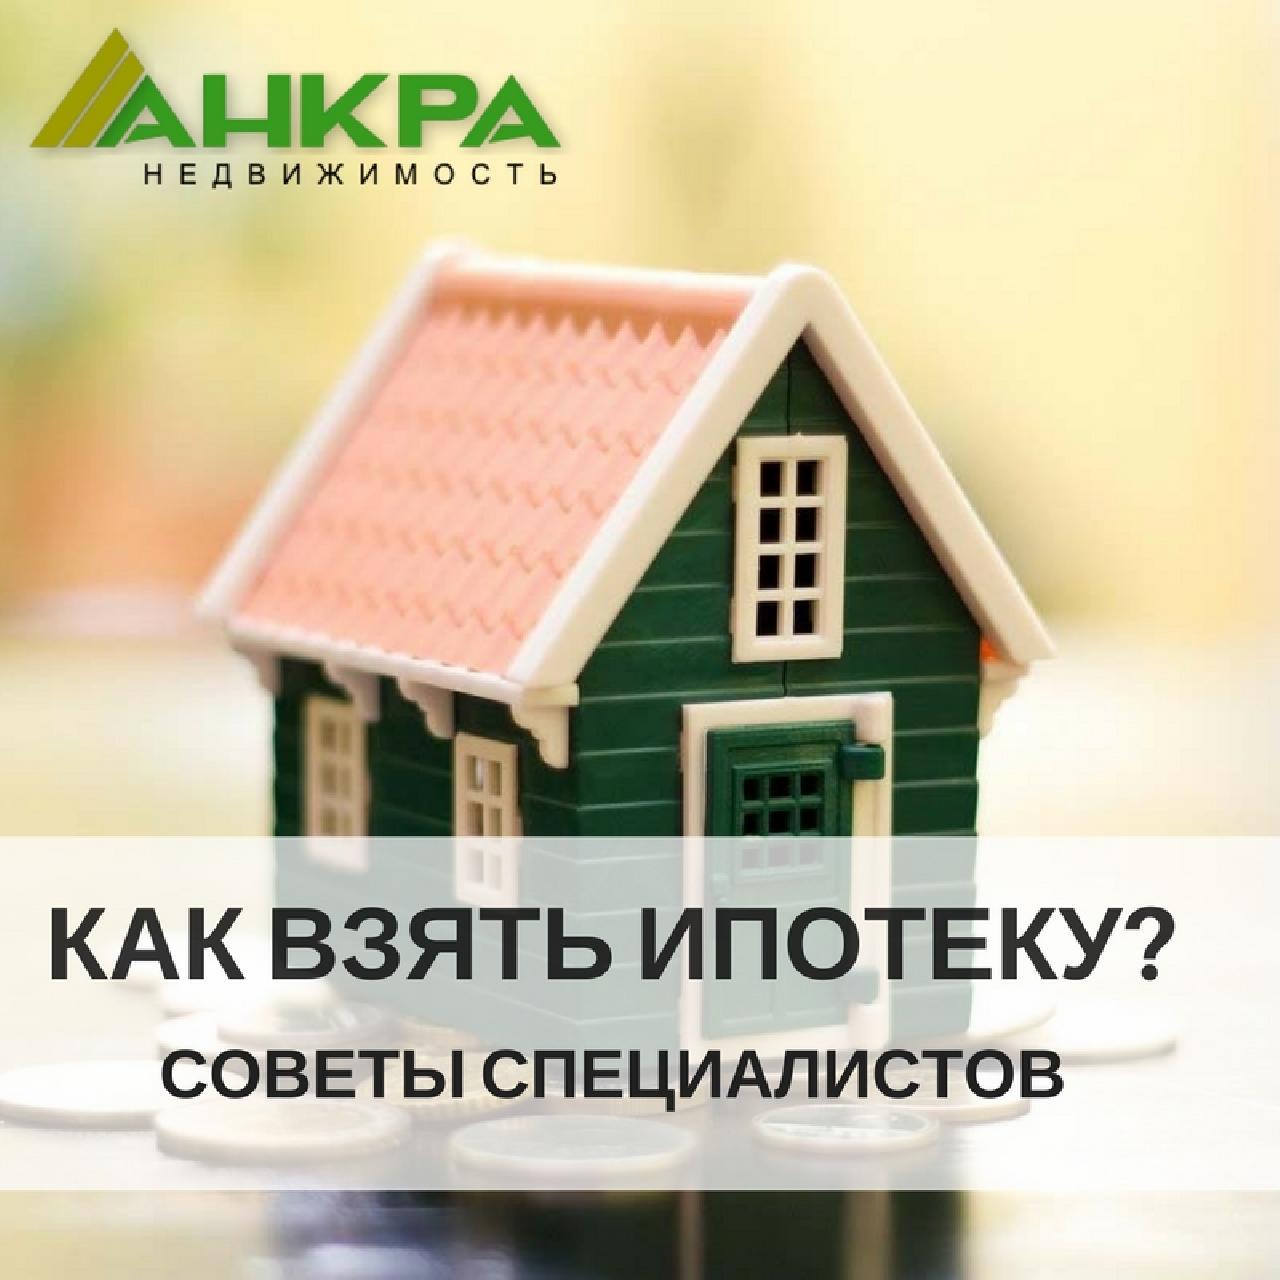 Агентство недвижимости ипотечный брокер трудовой договор для фмс в москве Коммунистическая улица